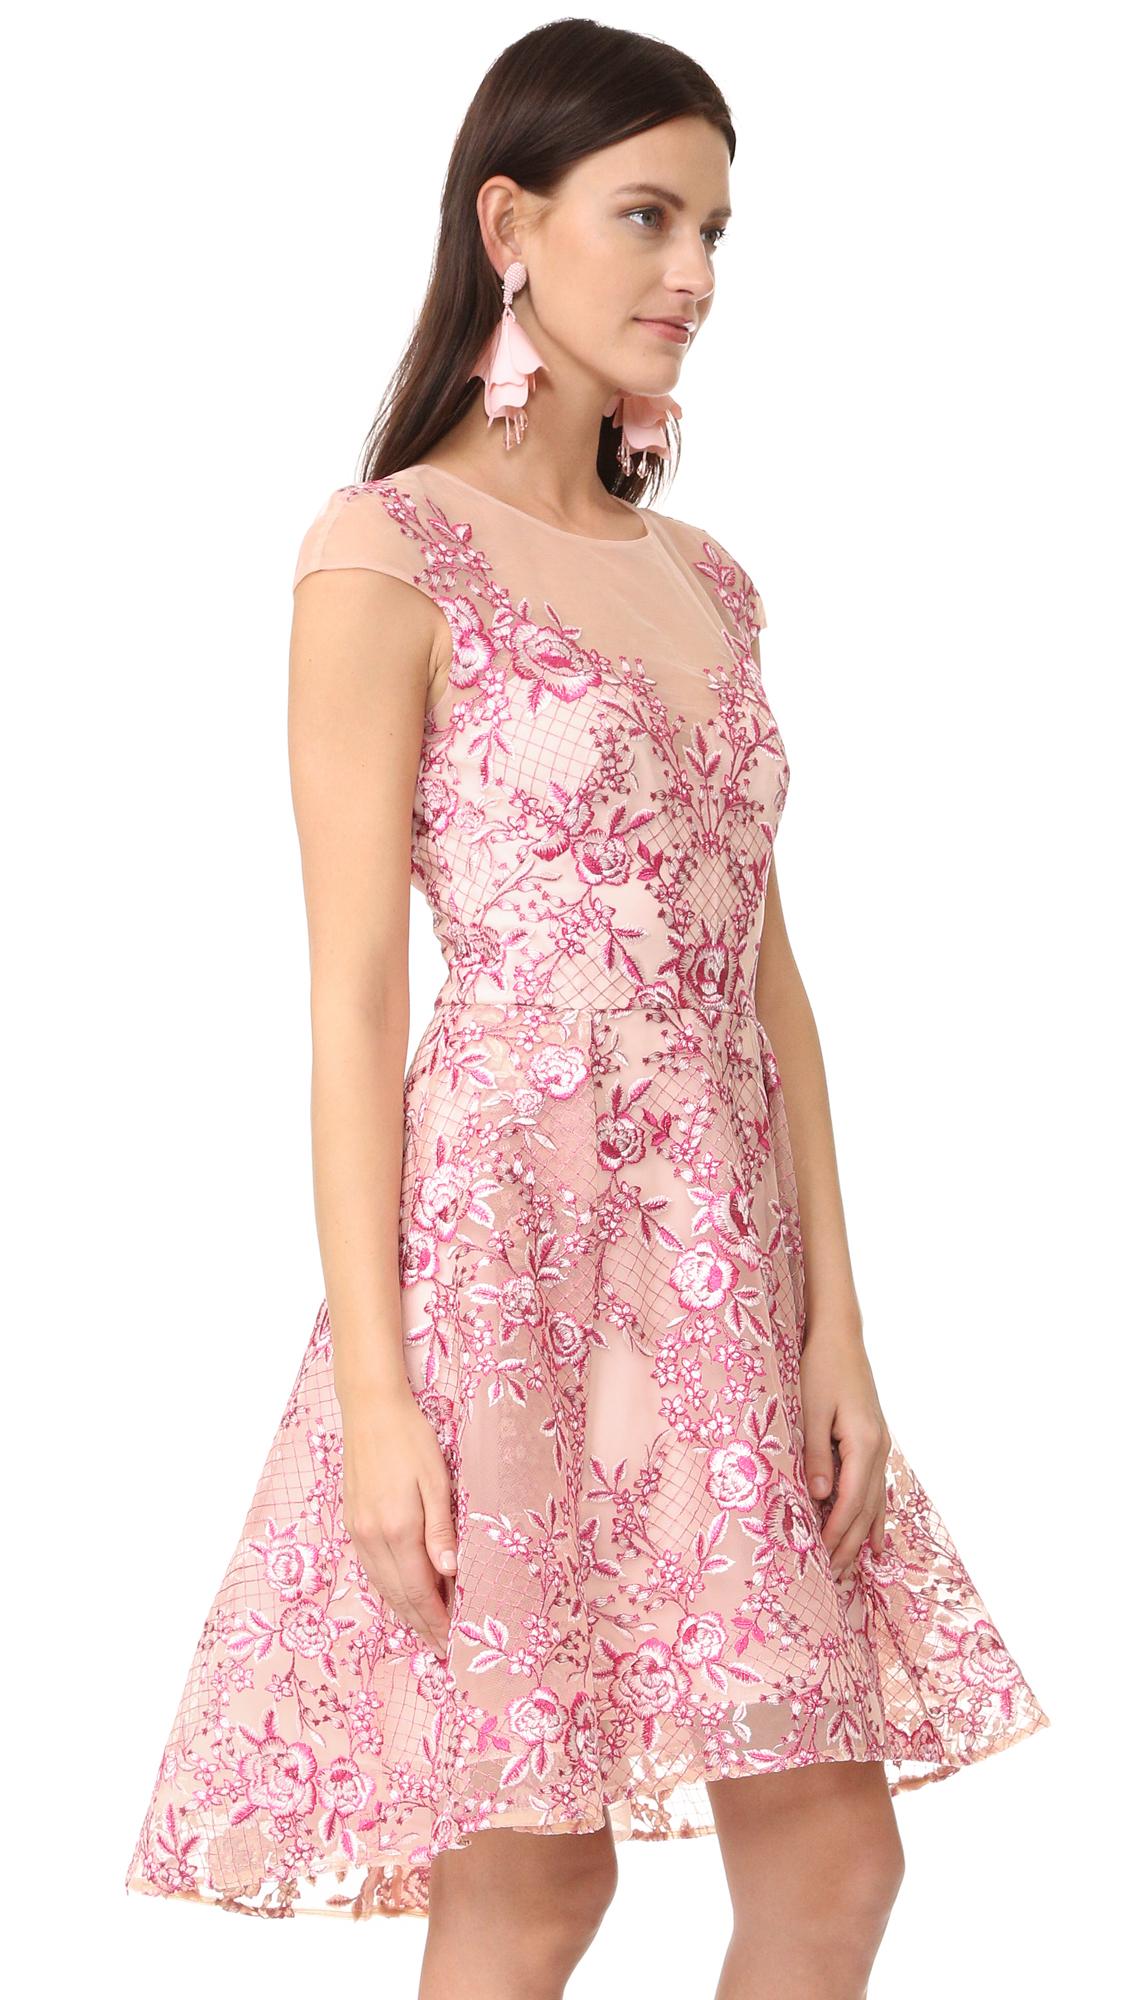 Excepcional Abs Cocktail Dresses Bosquejo - Colección de Vestidos de ...